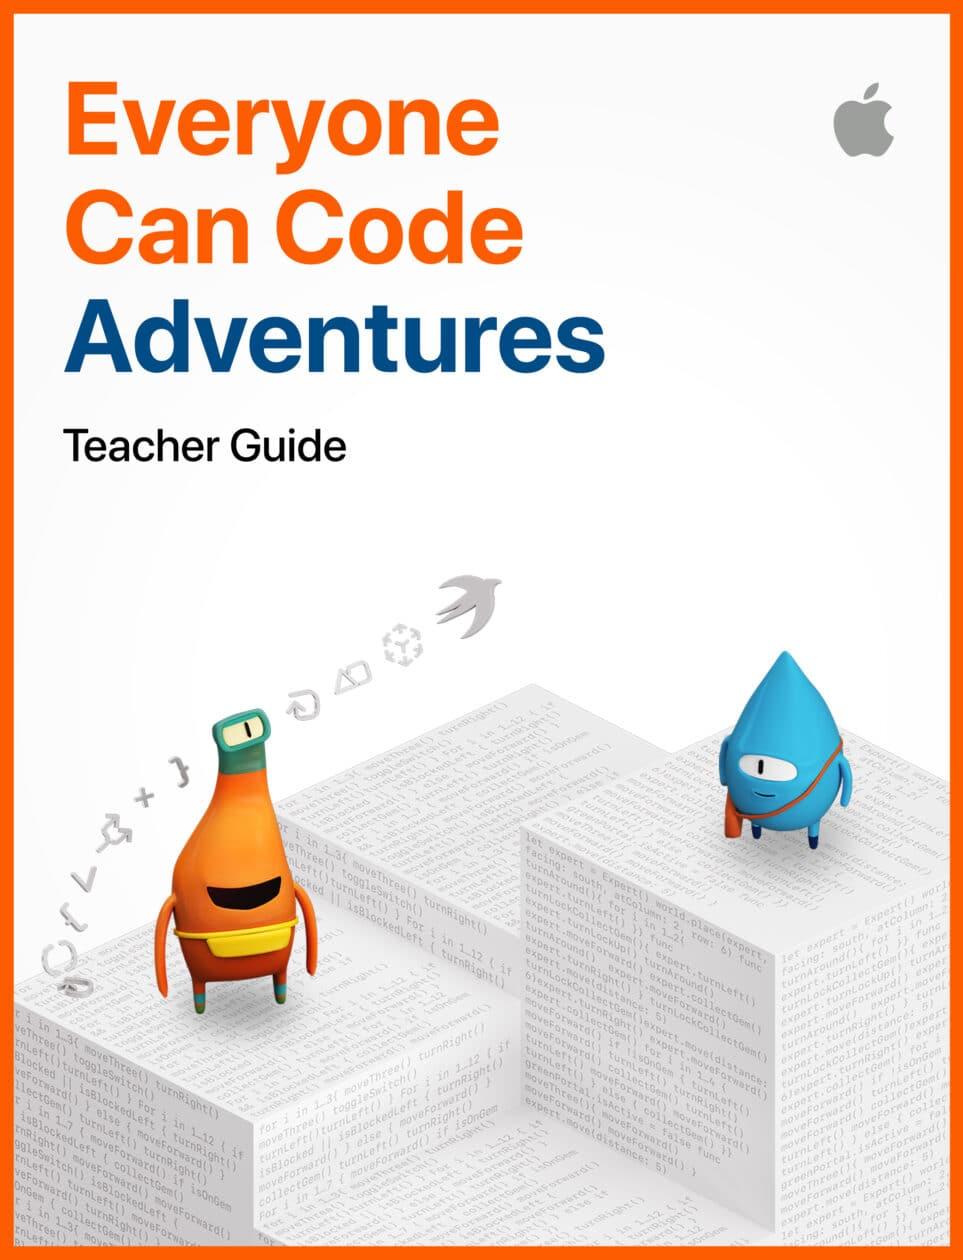 Novidades no ensino de codificação da Apple